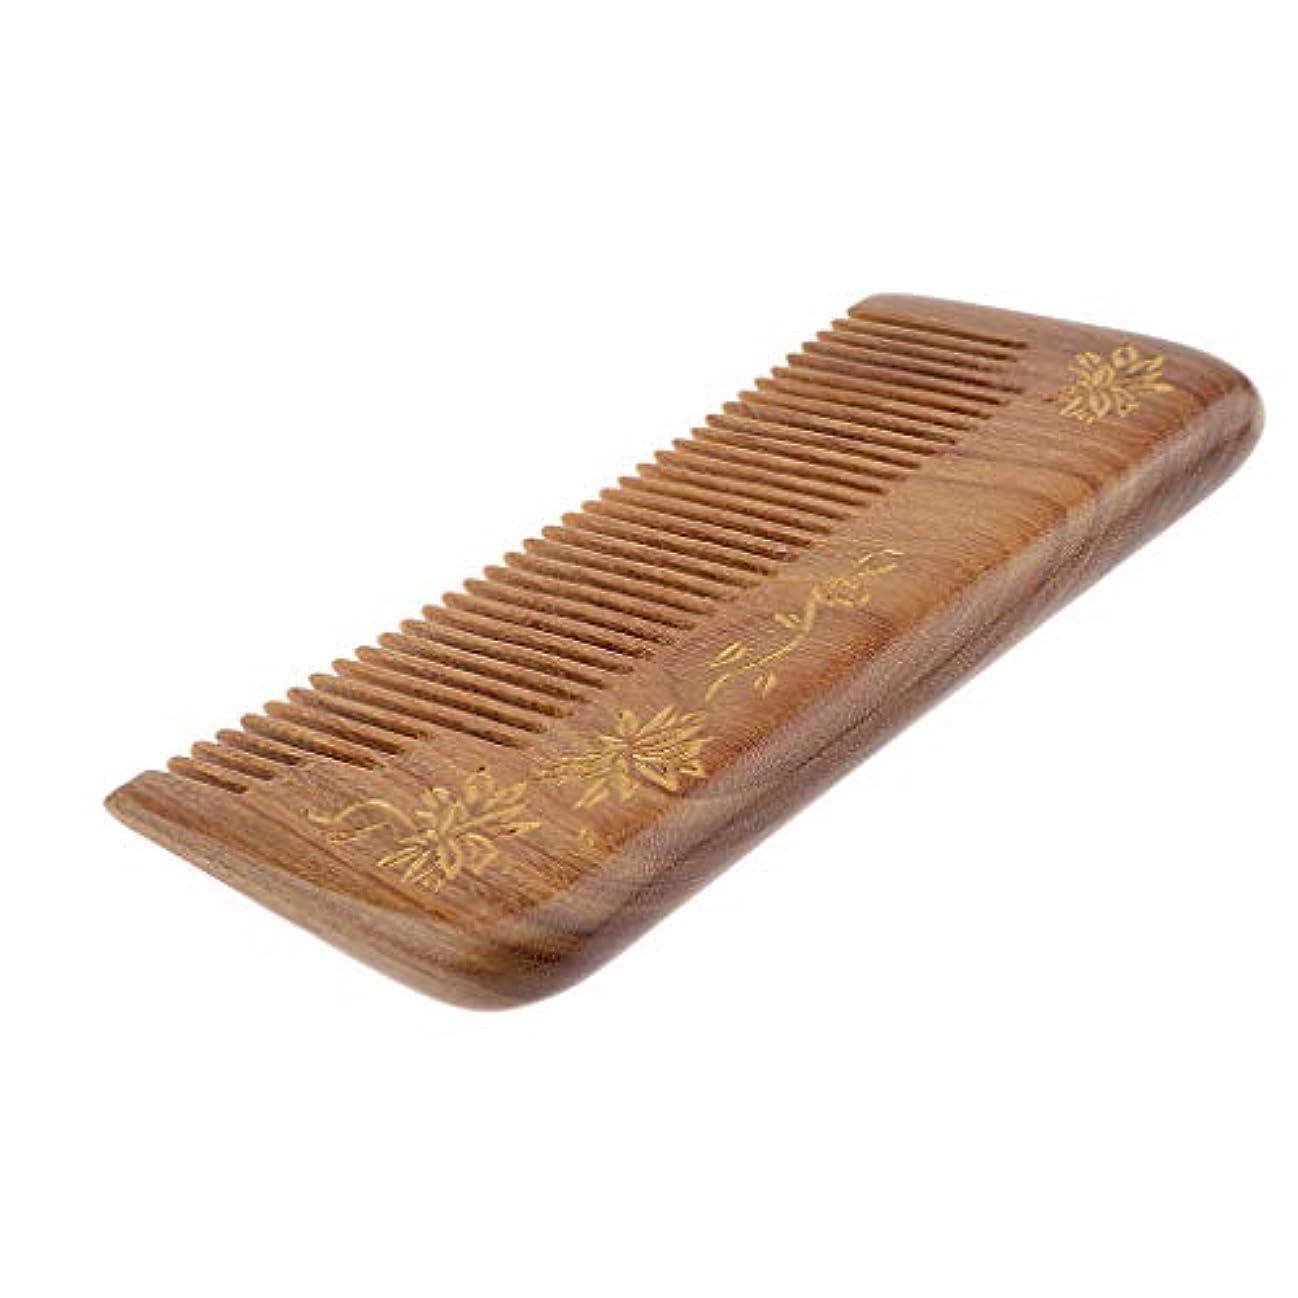 綺麗なシフト農業帯電防止櫛 ヘアブラシ 木製櫛 広い歯 自然な木 マッサージ櫛 プレゼント 4仕様選べ - #3